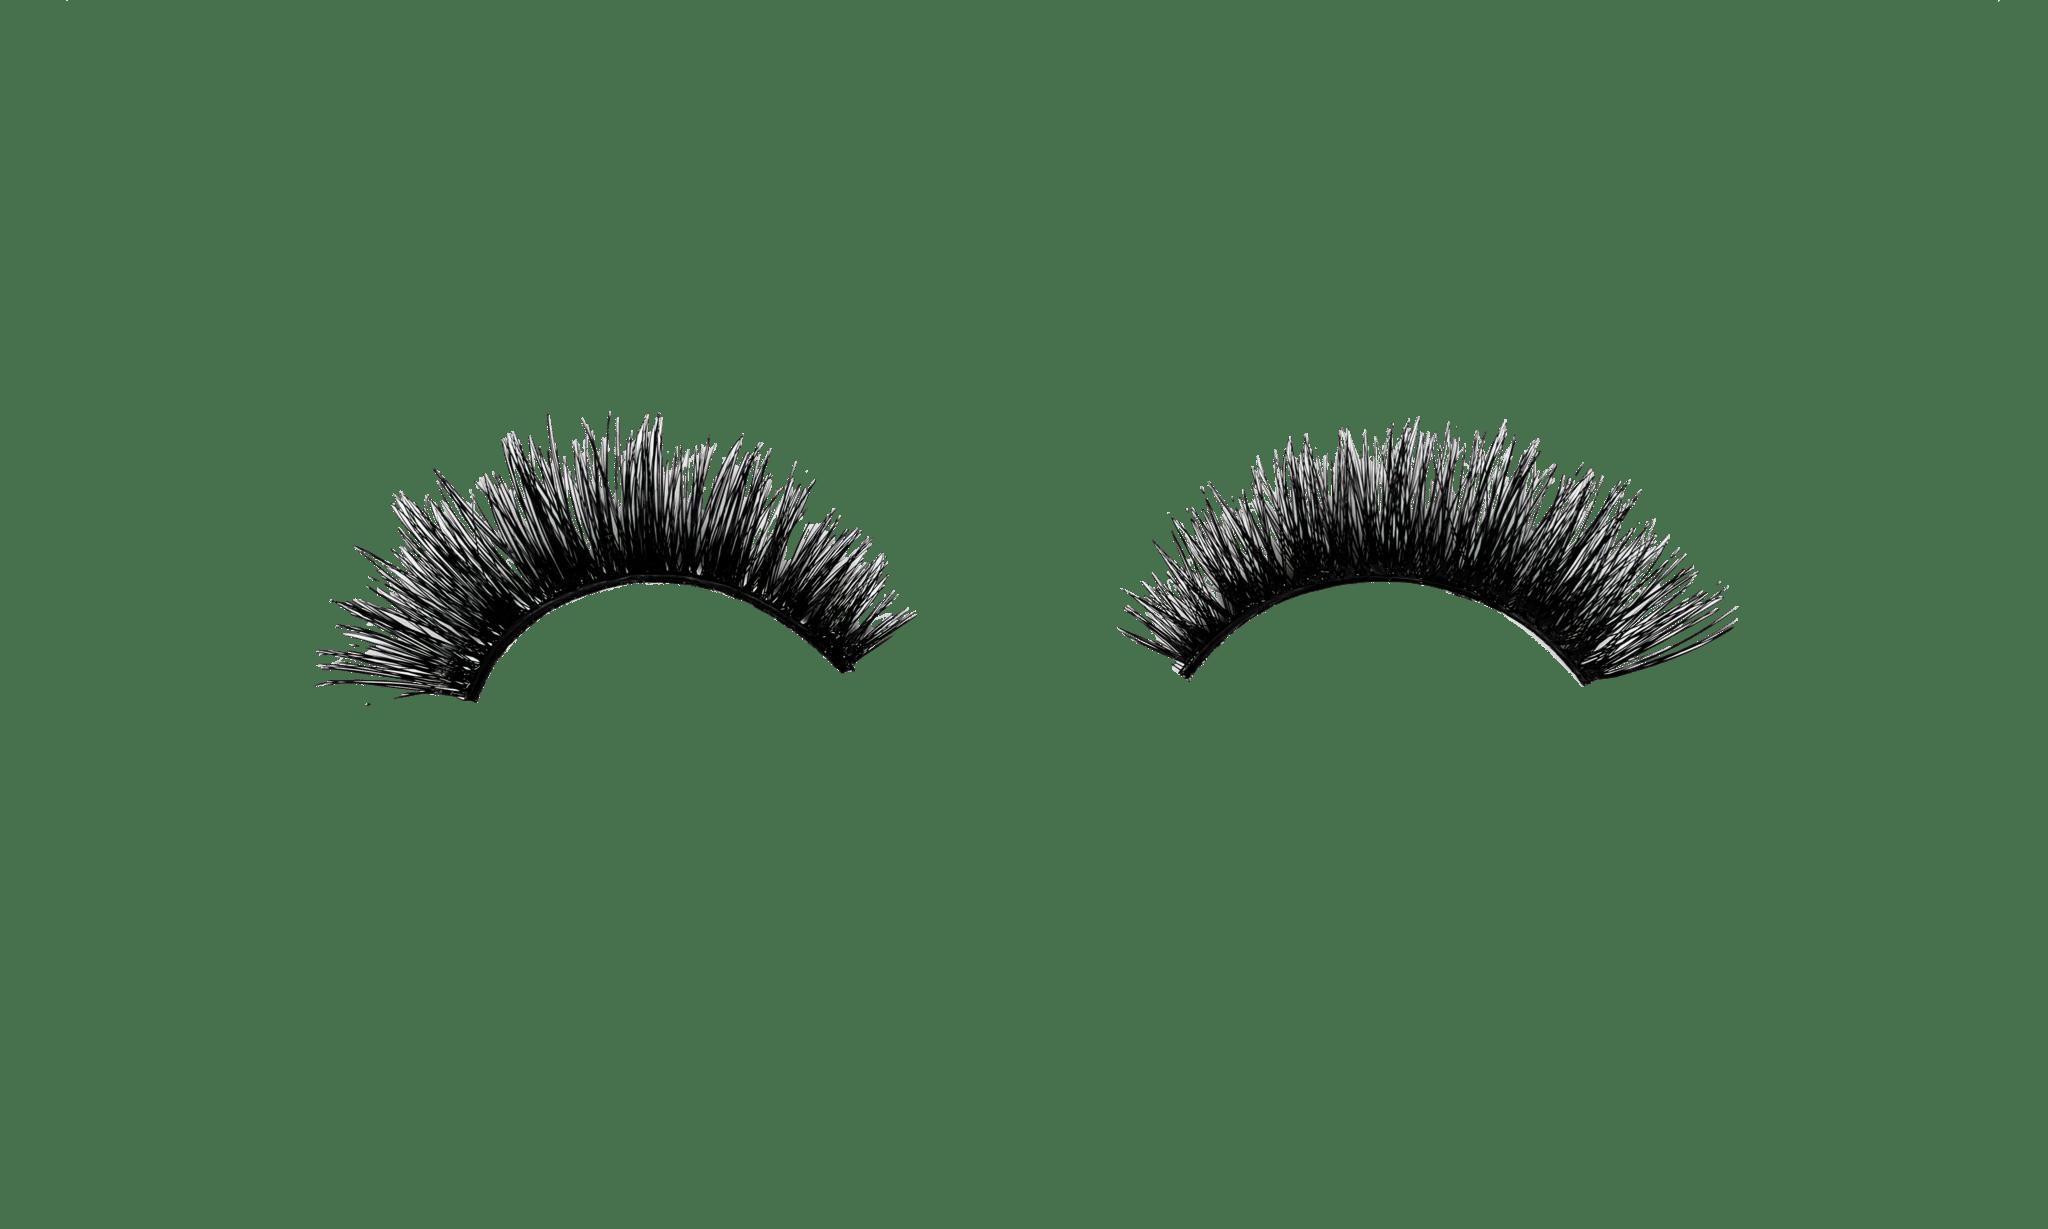 Eyelashes Clipart Brushes Photoshop Eyelashes Brushes